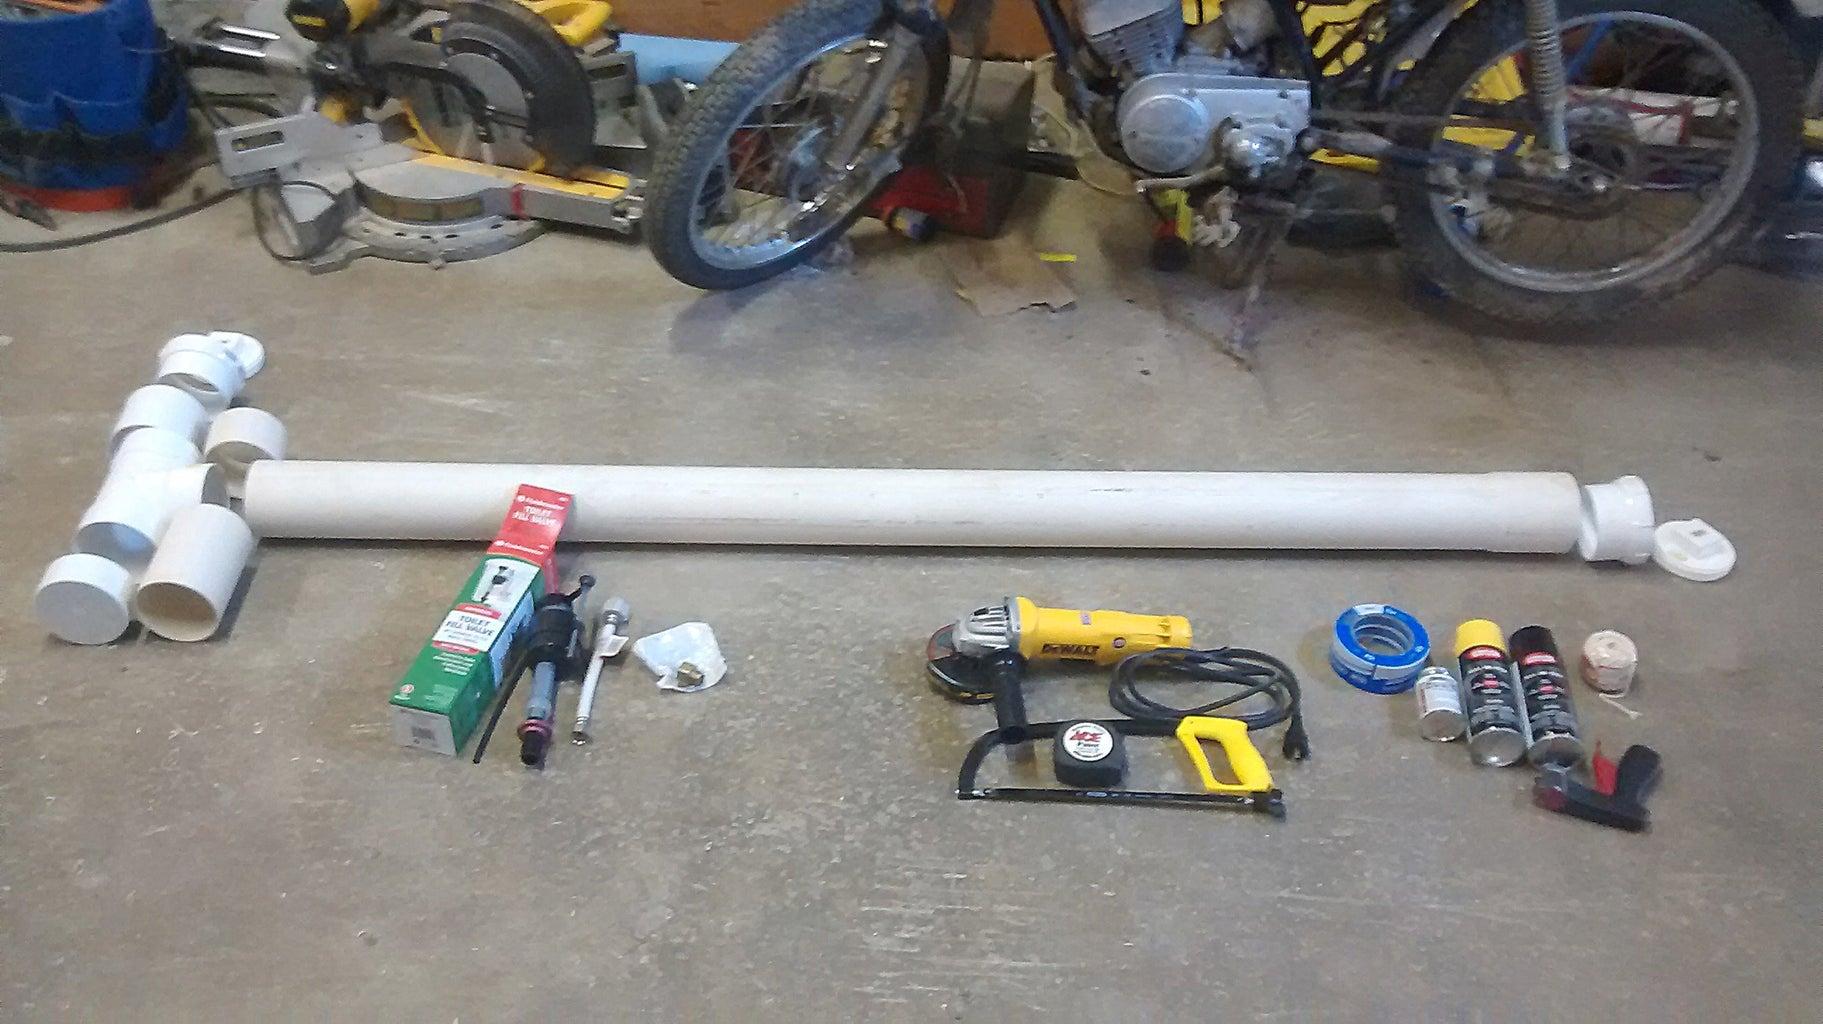 Tools+materials